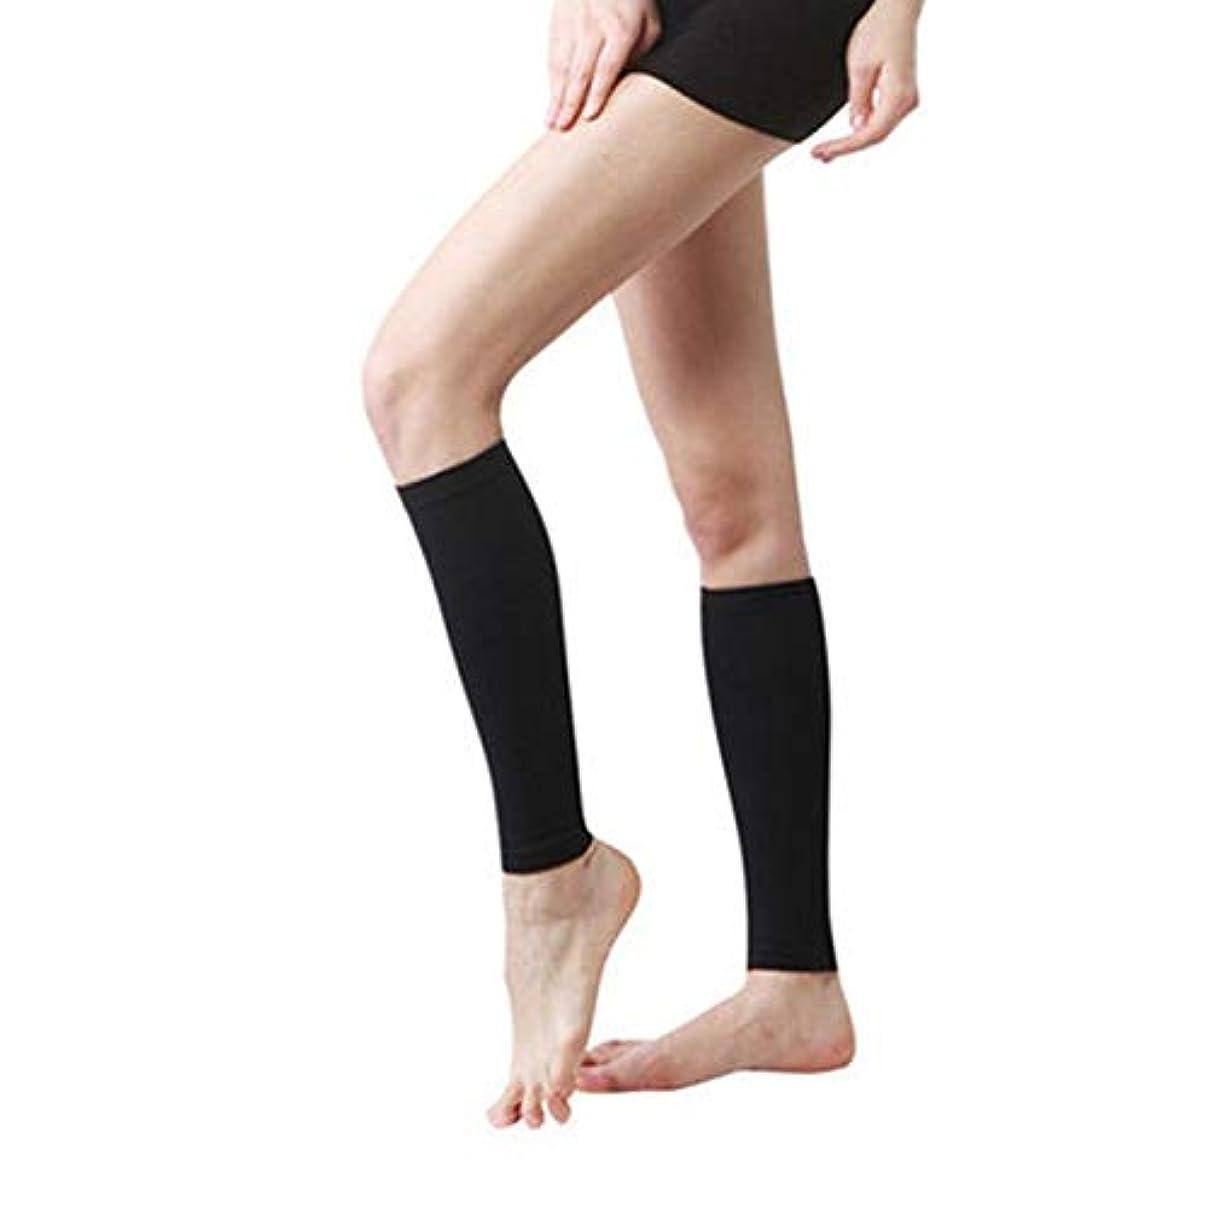 アリーナ本会議方程式丈夫な男性女性プロの圧縮靴下通気性のある旅行活動看護師用シンススプリントフライトトラベル - ブラック